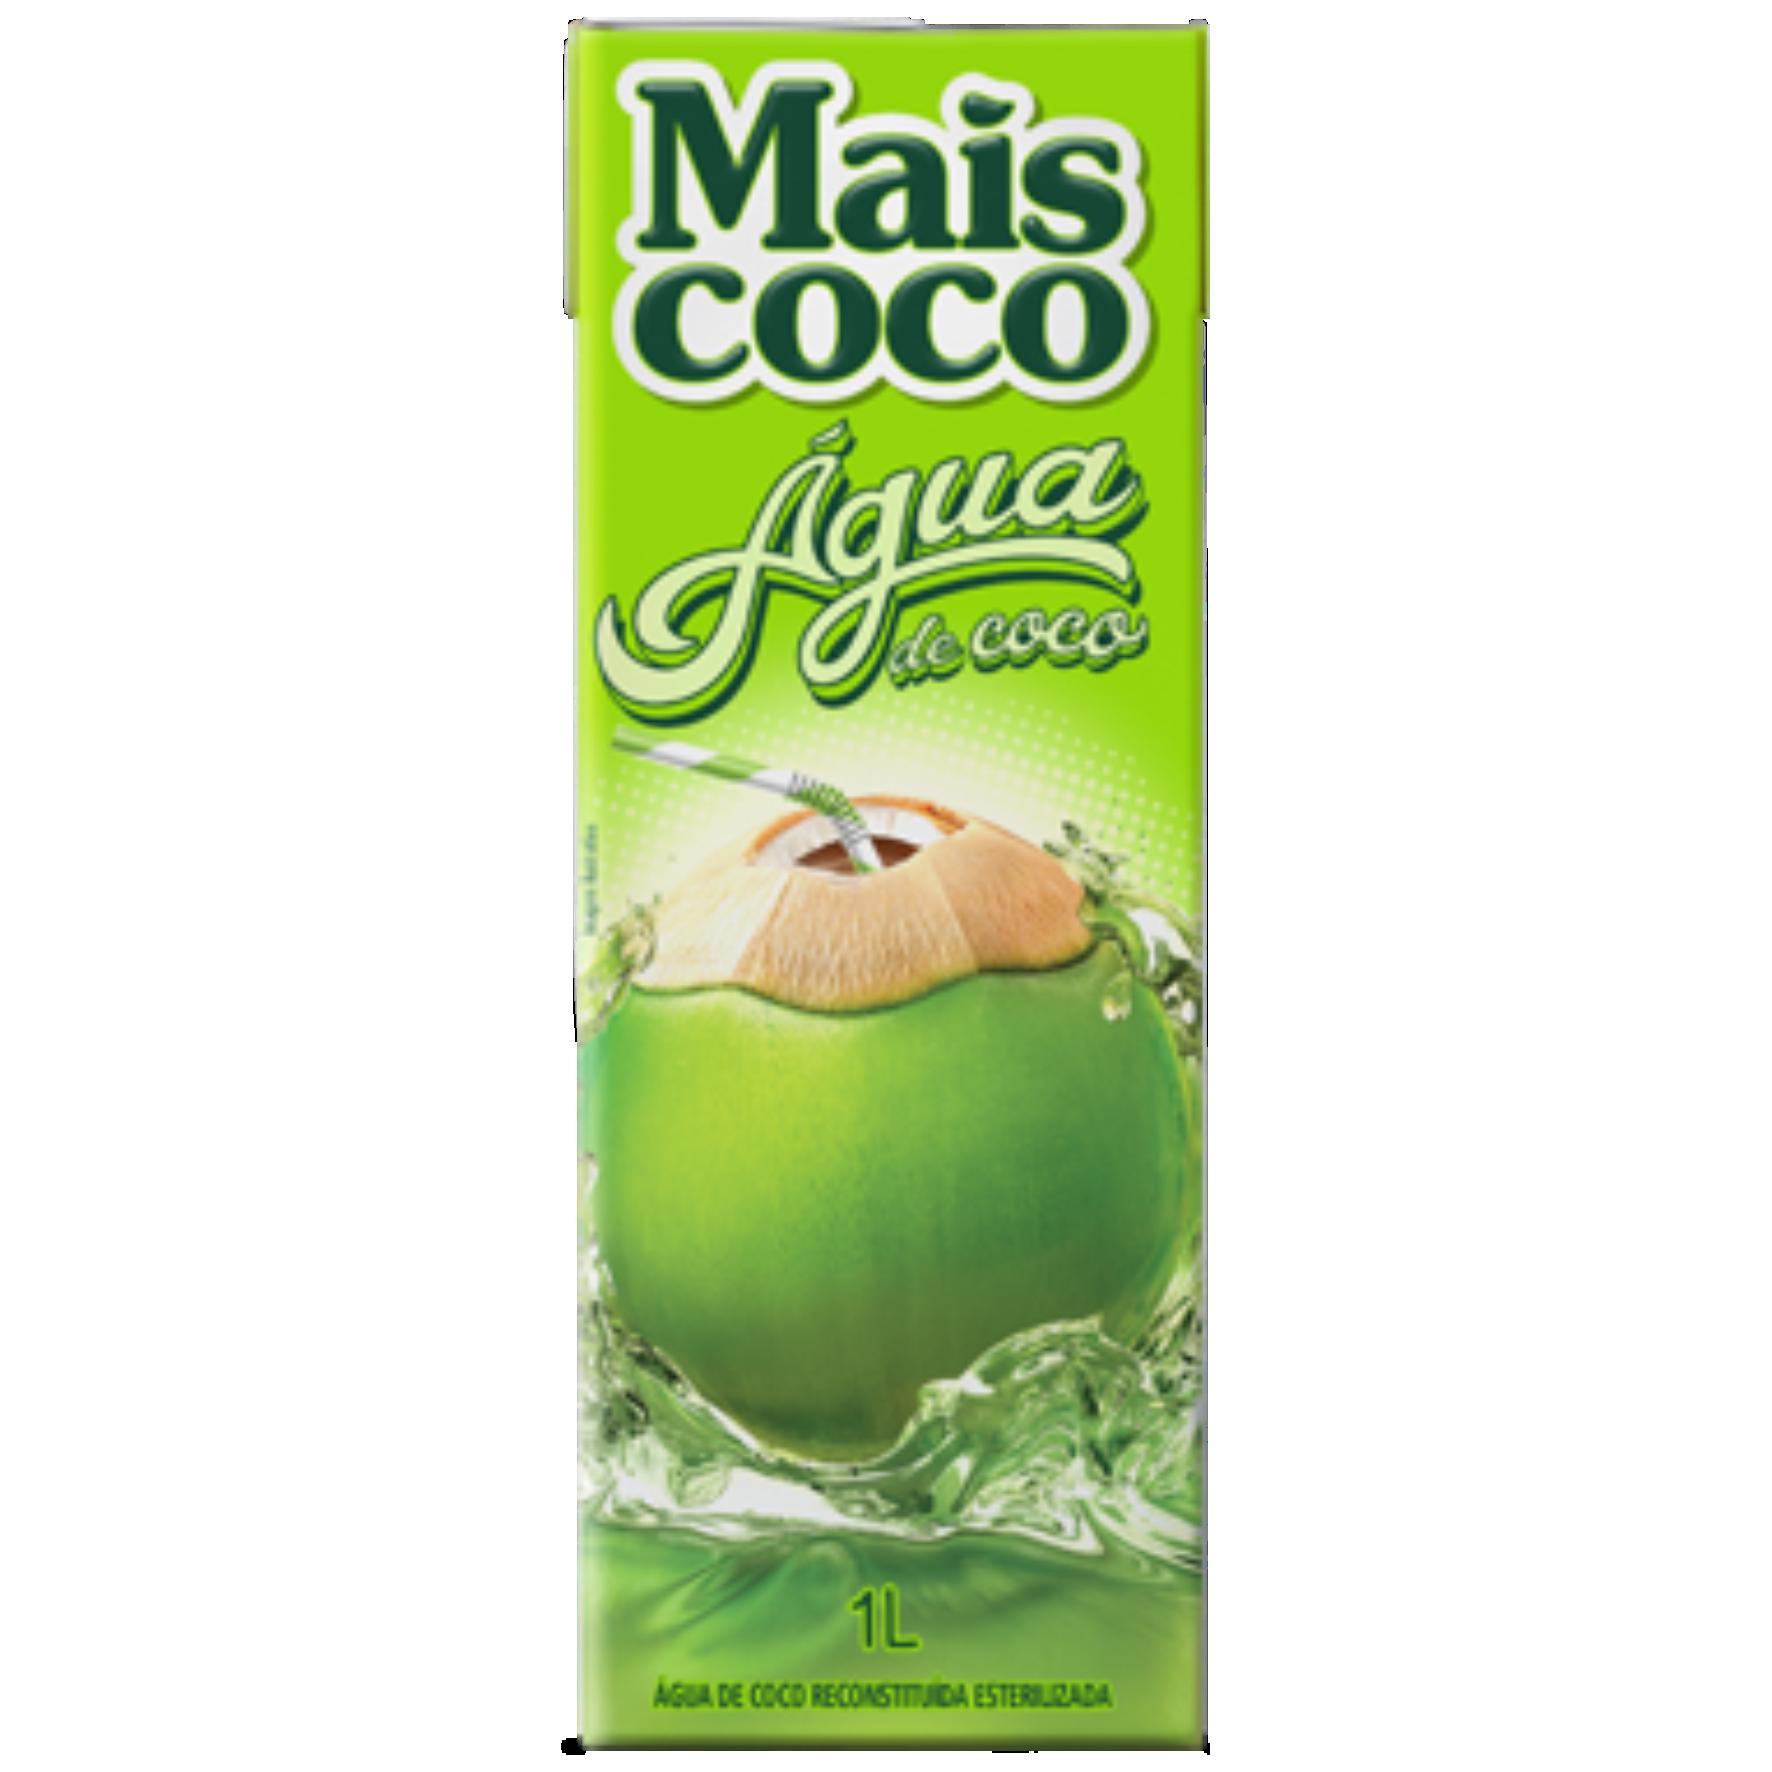 AGUA DE COCO MAIS COCO 1LT